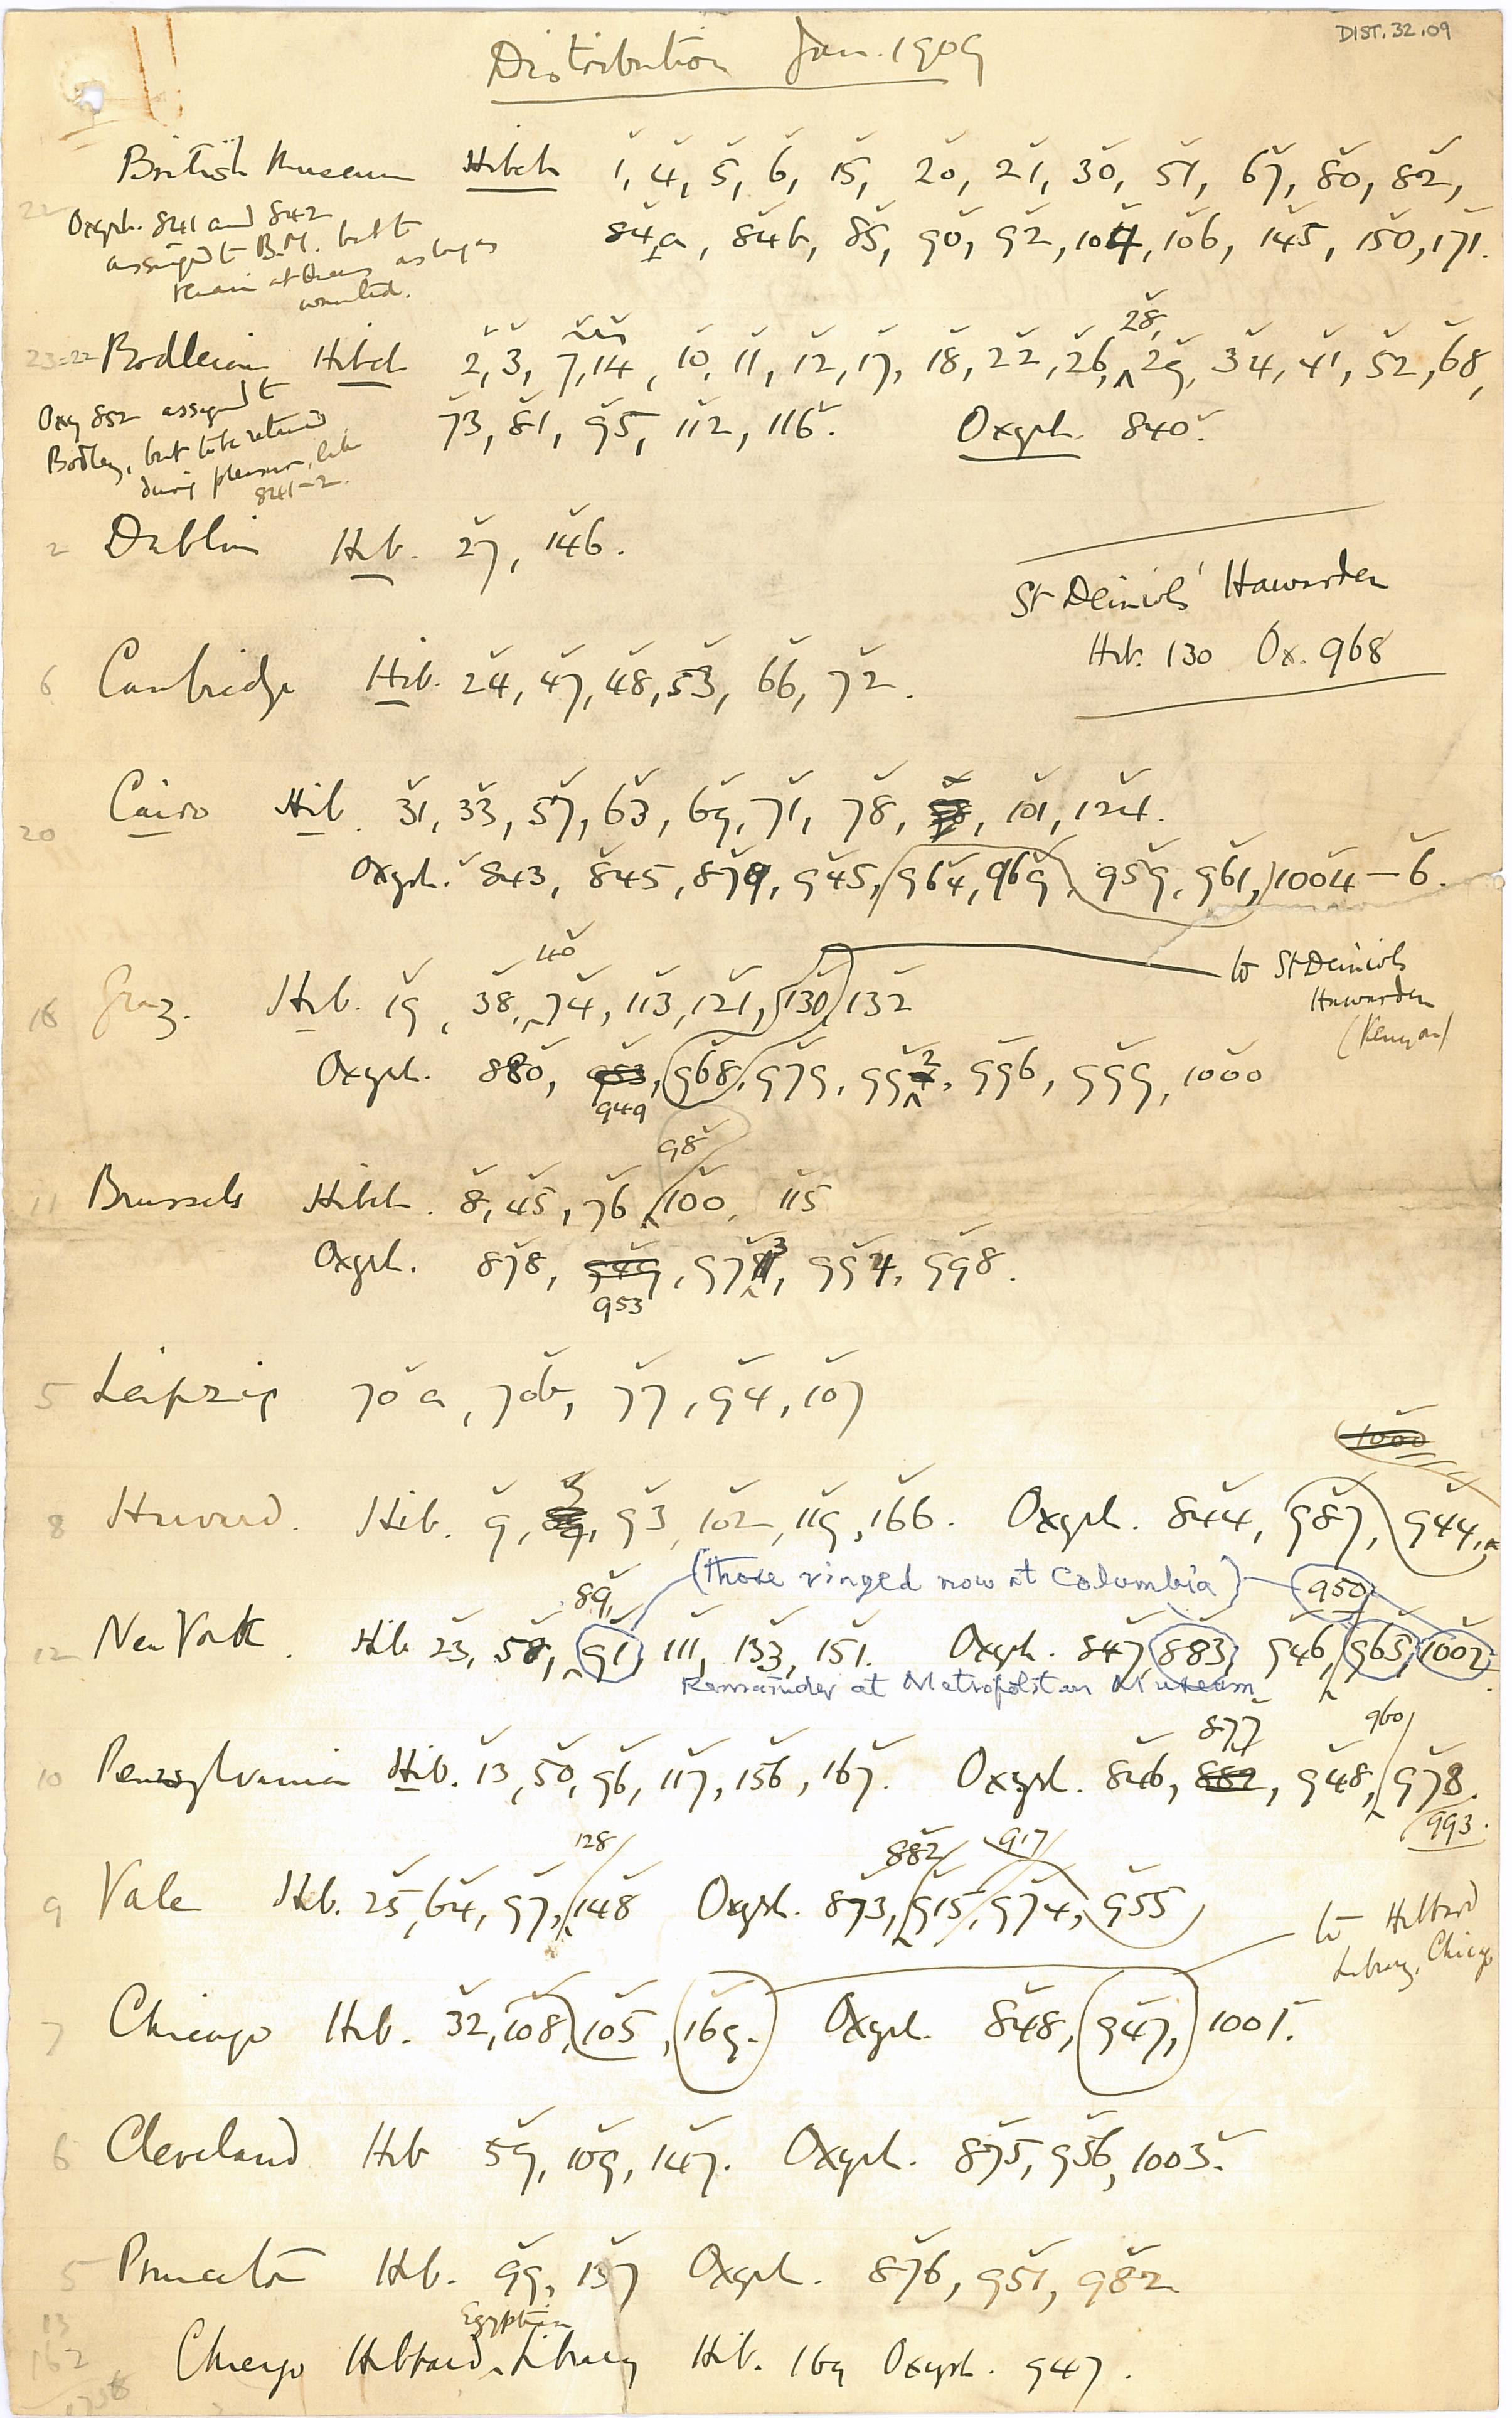 1908-13 Papyri DIST.32.09a